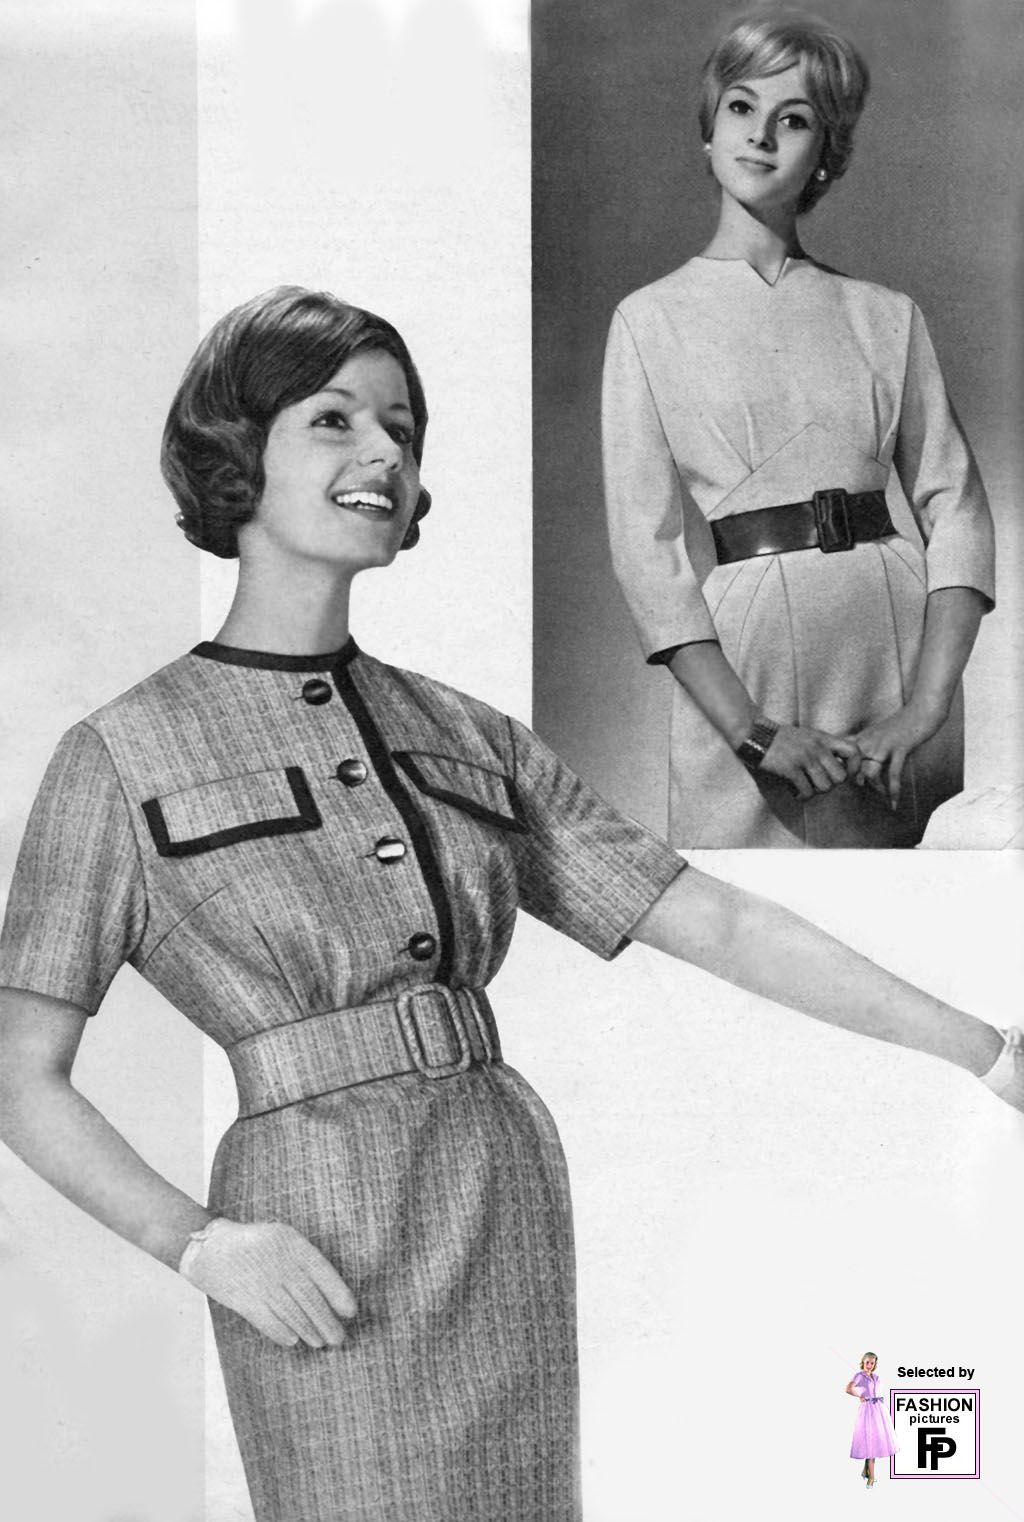 mulheres do estilo do vintage 1959-2-neu-0013.jpg